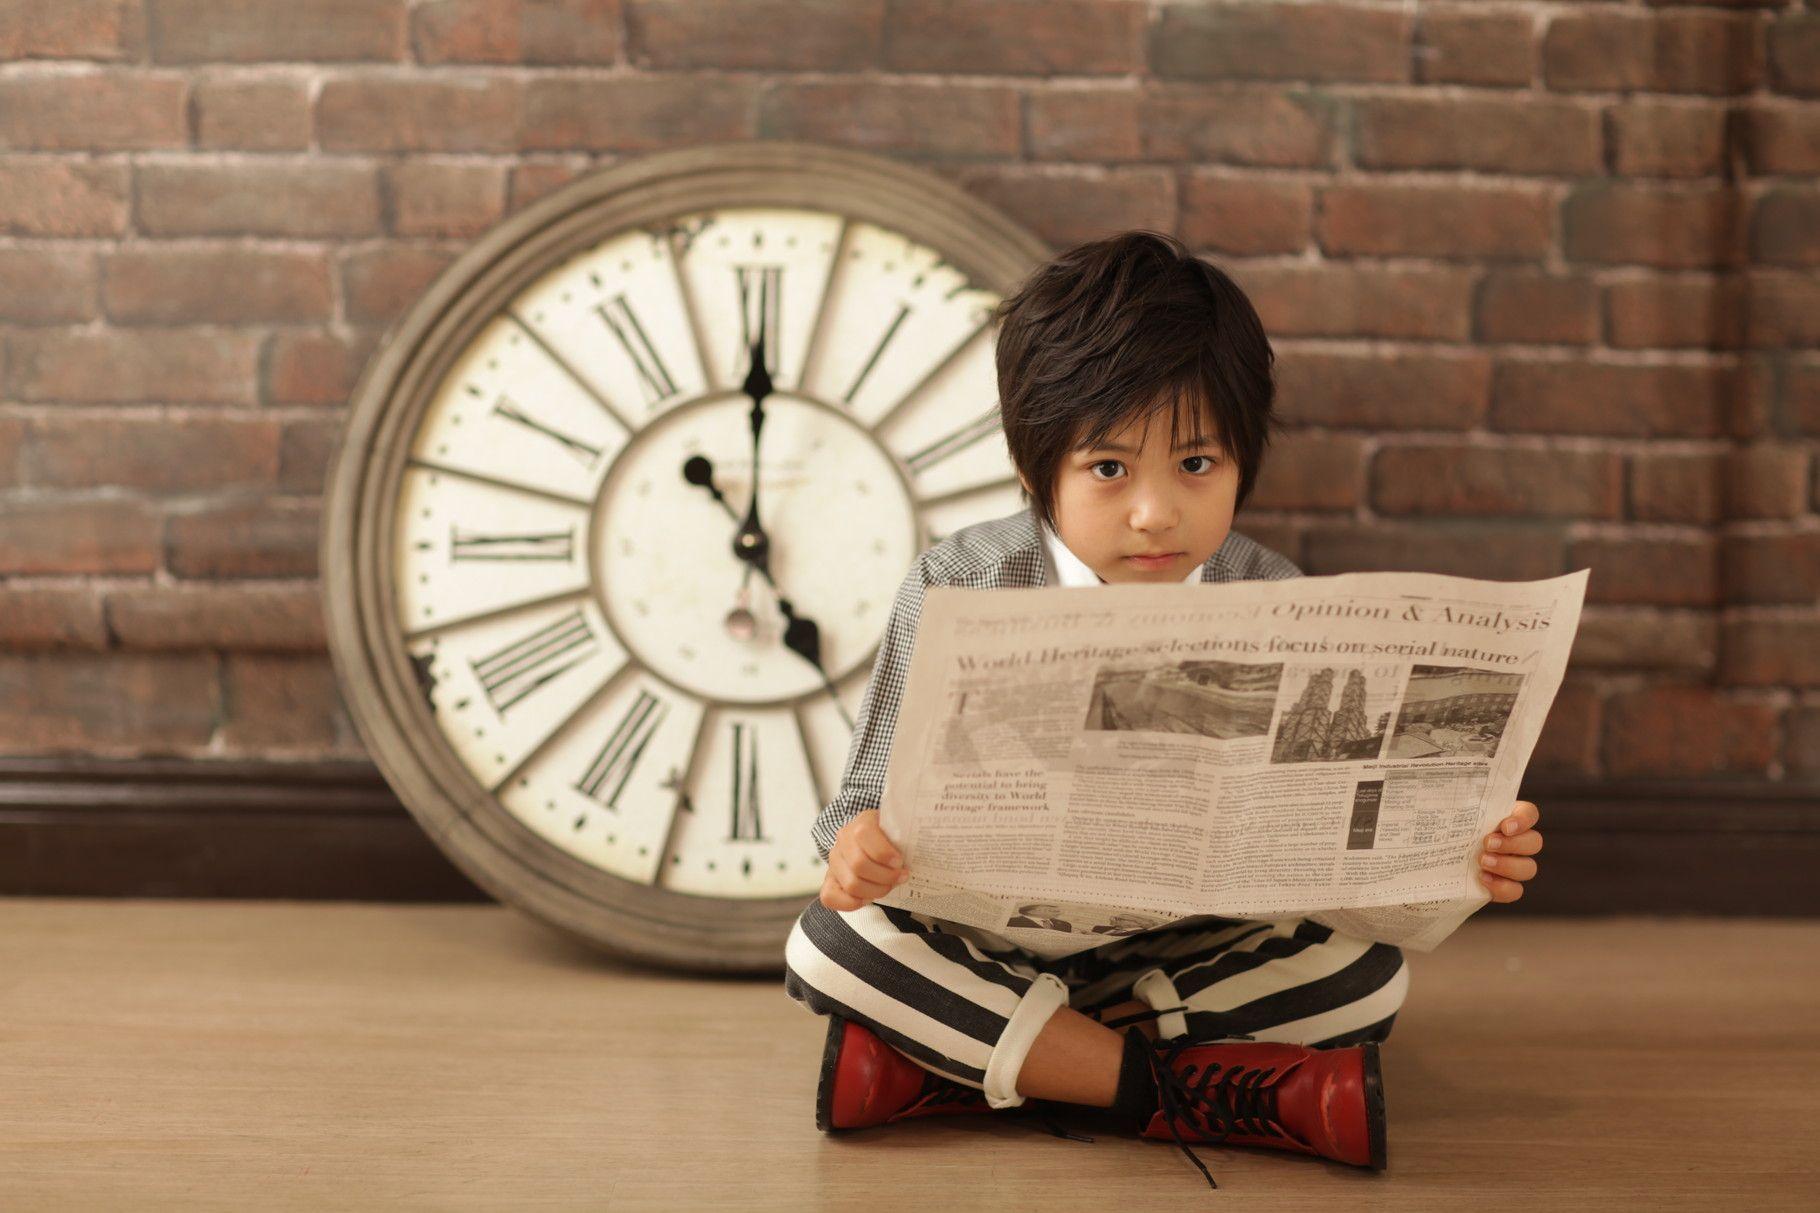 753 - | 子供写真 大阪 | コフレフォトグラフィ